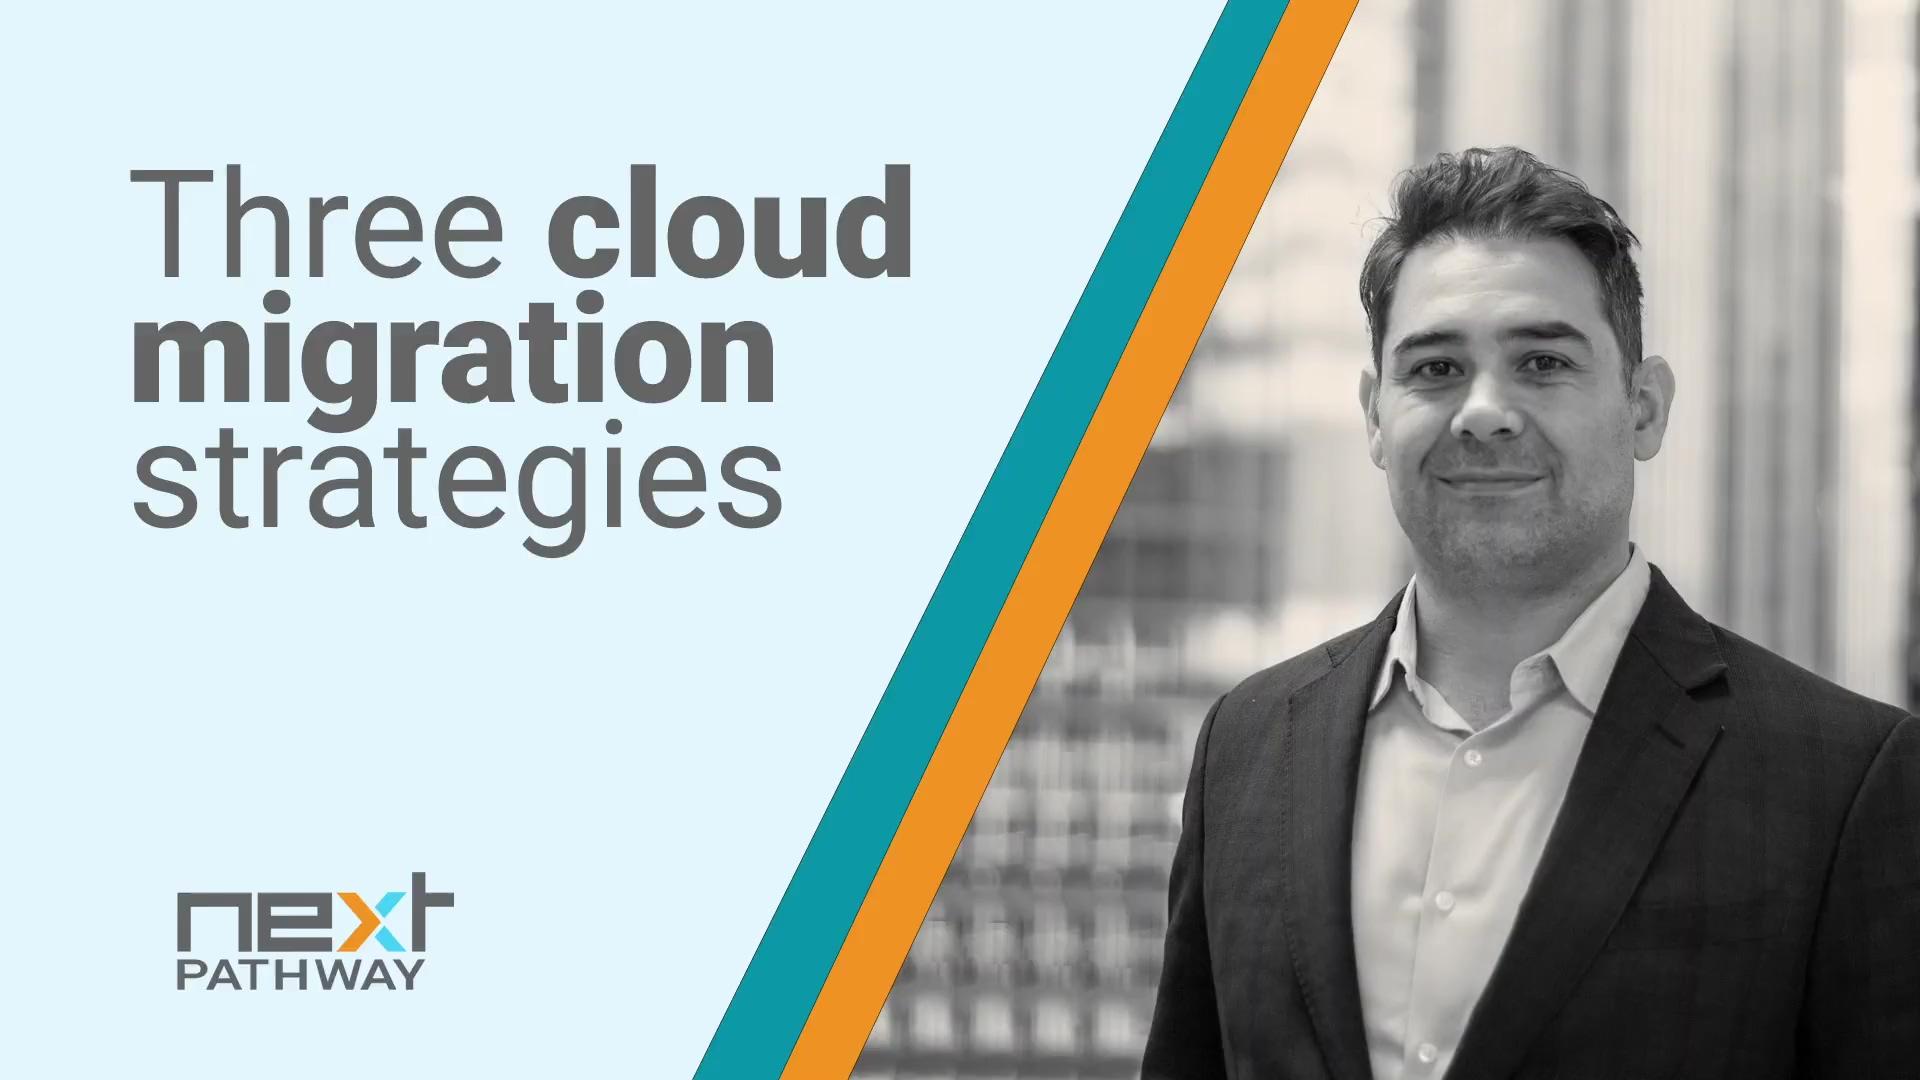 QNA_Tamer_describe the main three cloud migration strategies